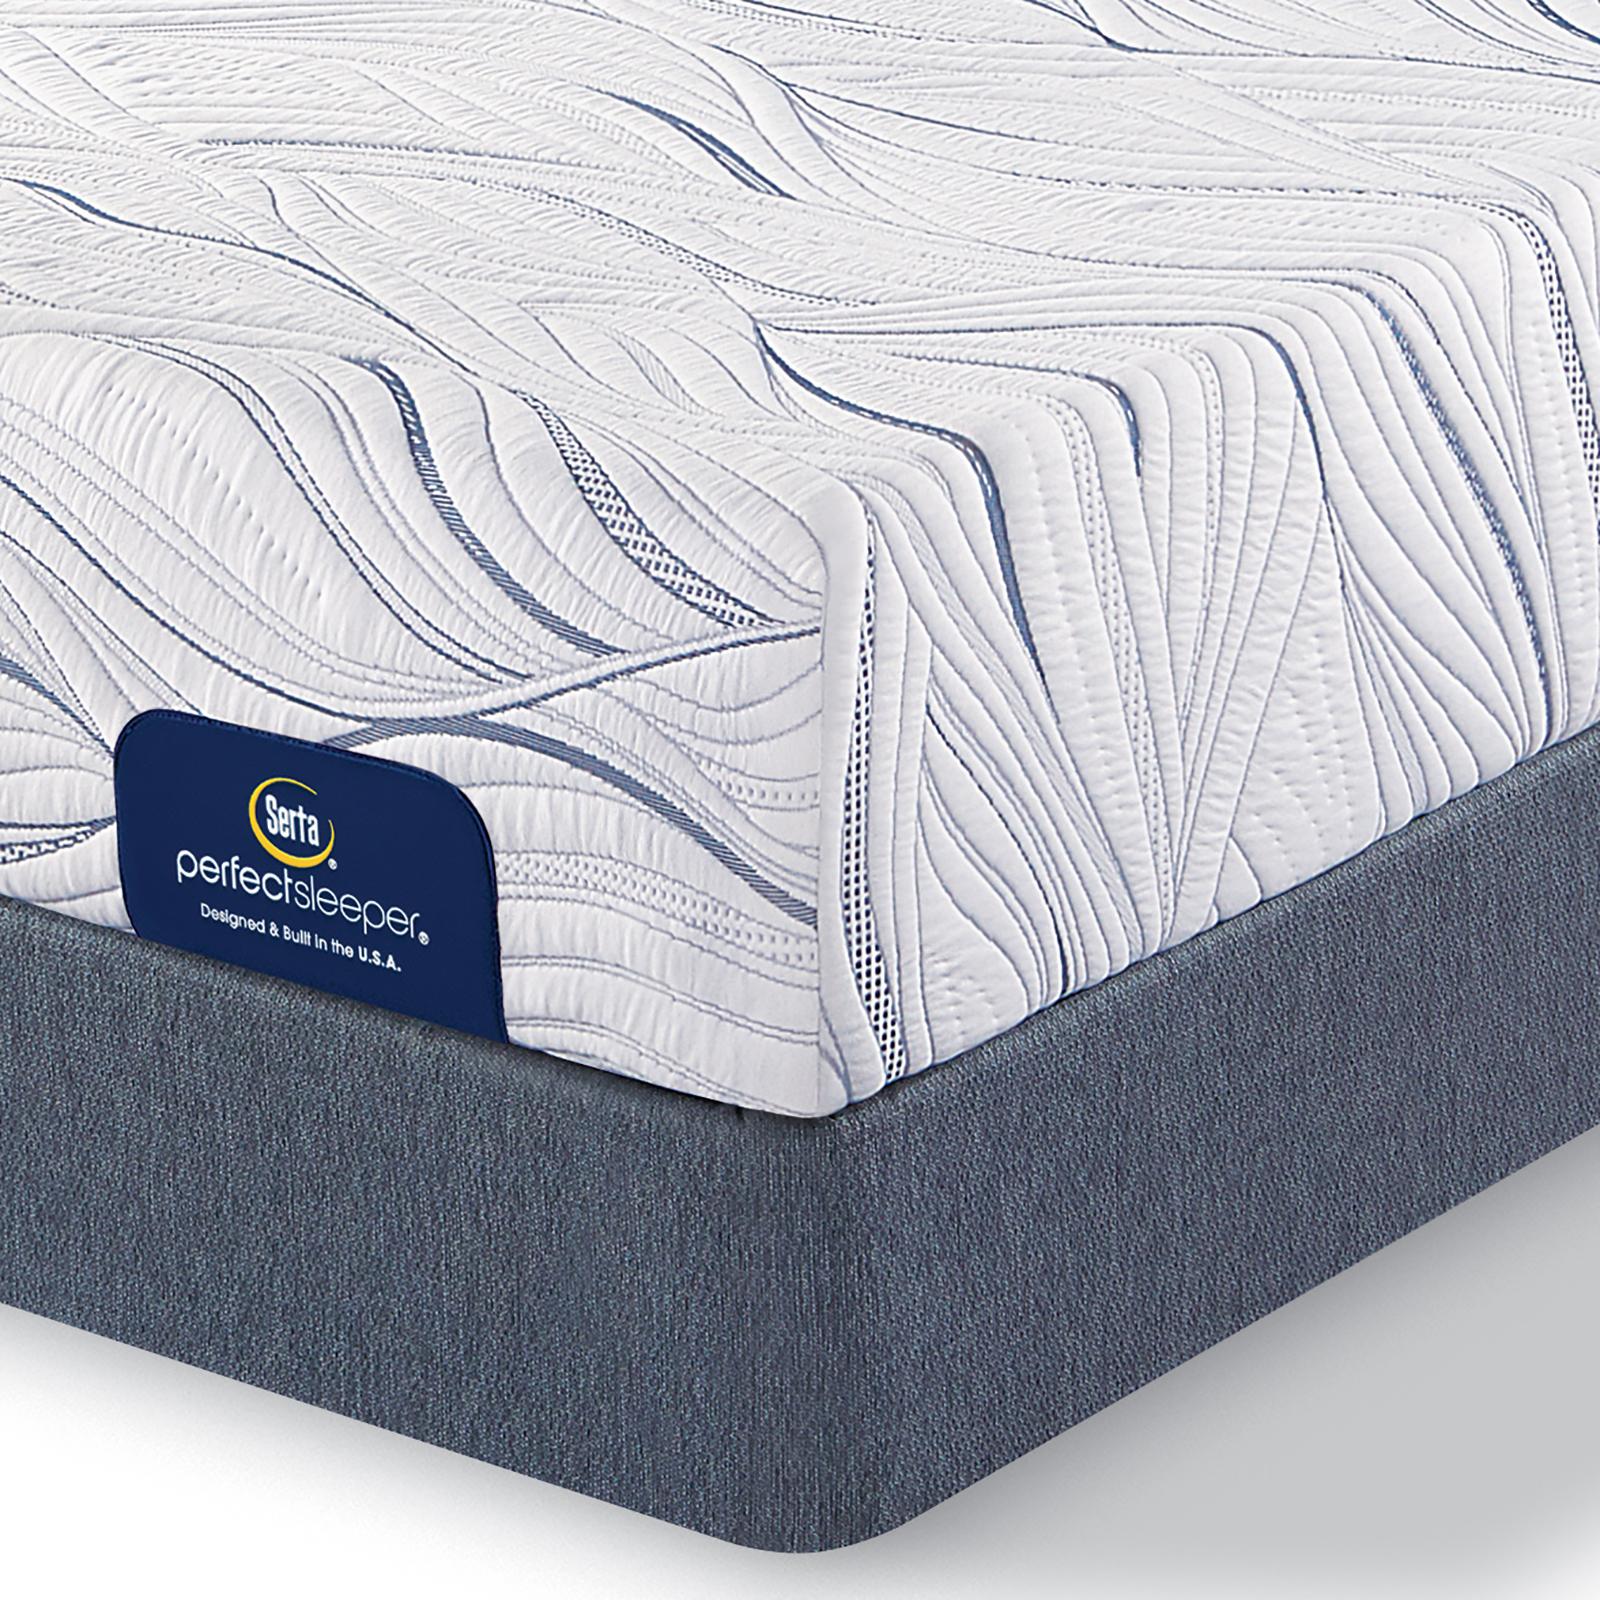 Serta Perfect Sleeper Stamford Hill Firm Mattress